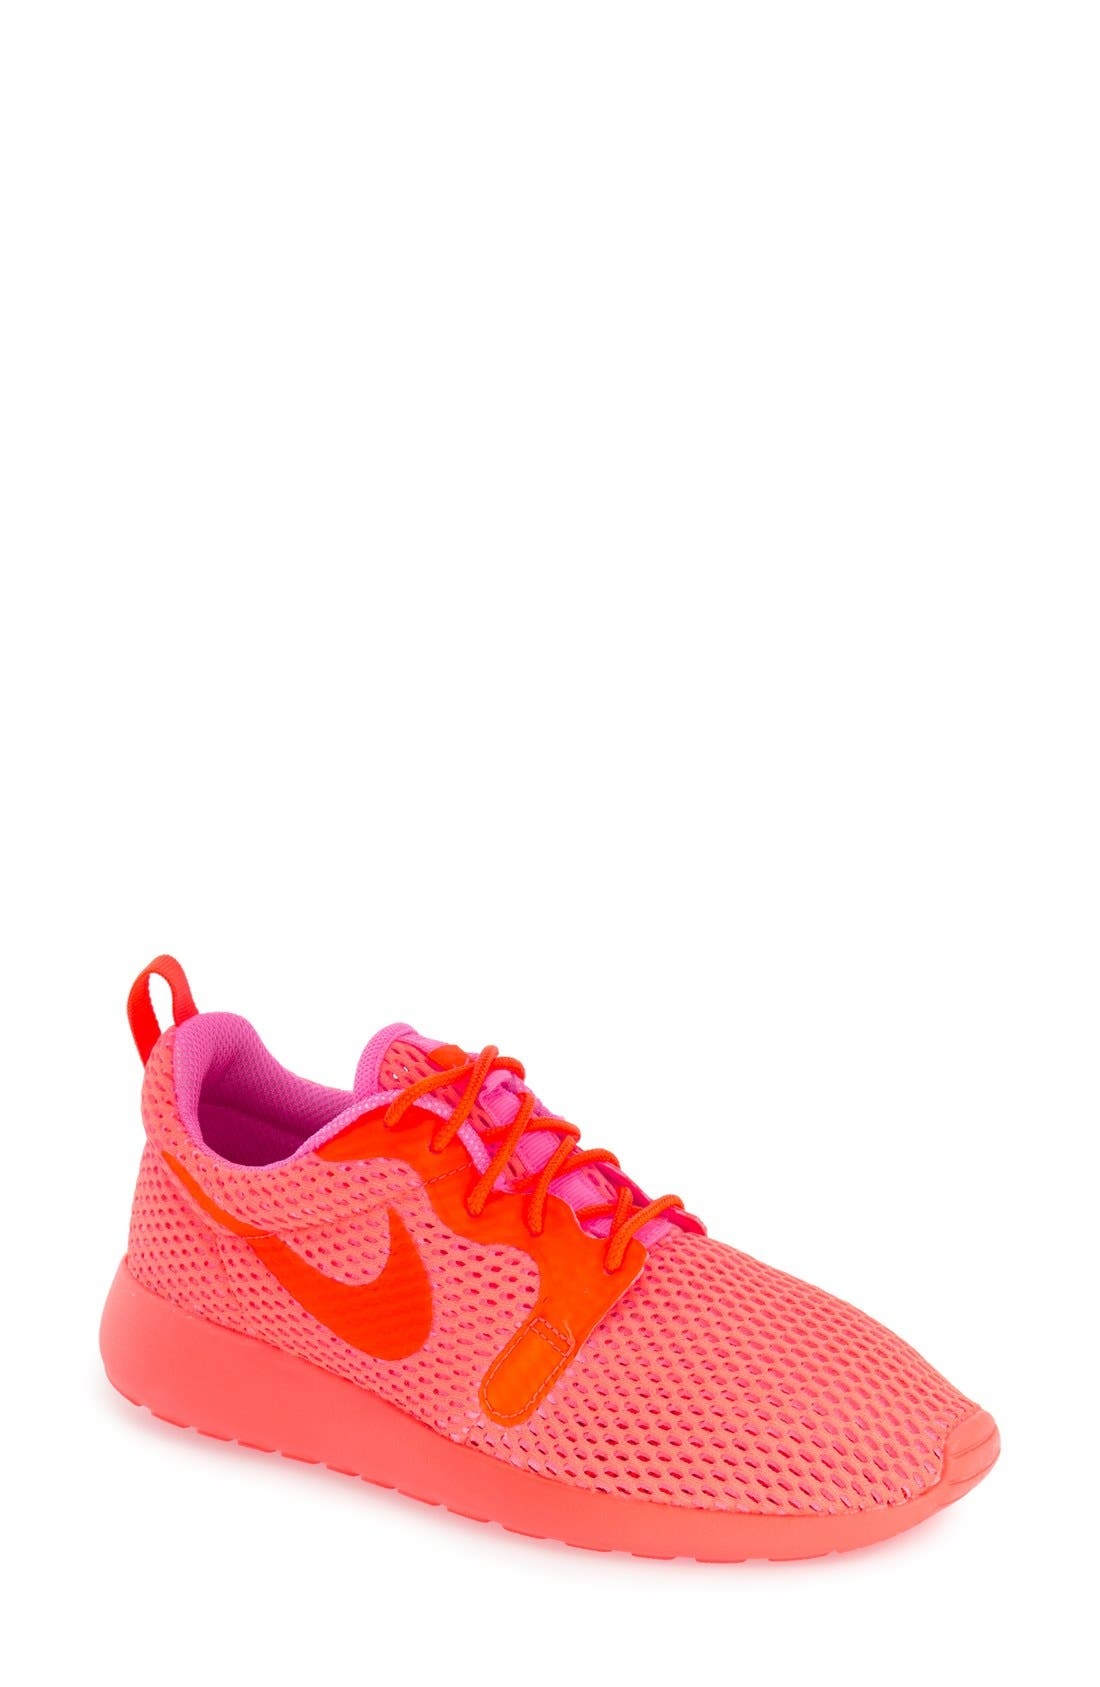 Alternate Image 1 Selected - Nike 'Roshe One Hyper Breathe' Sneaker (Women)